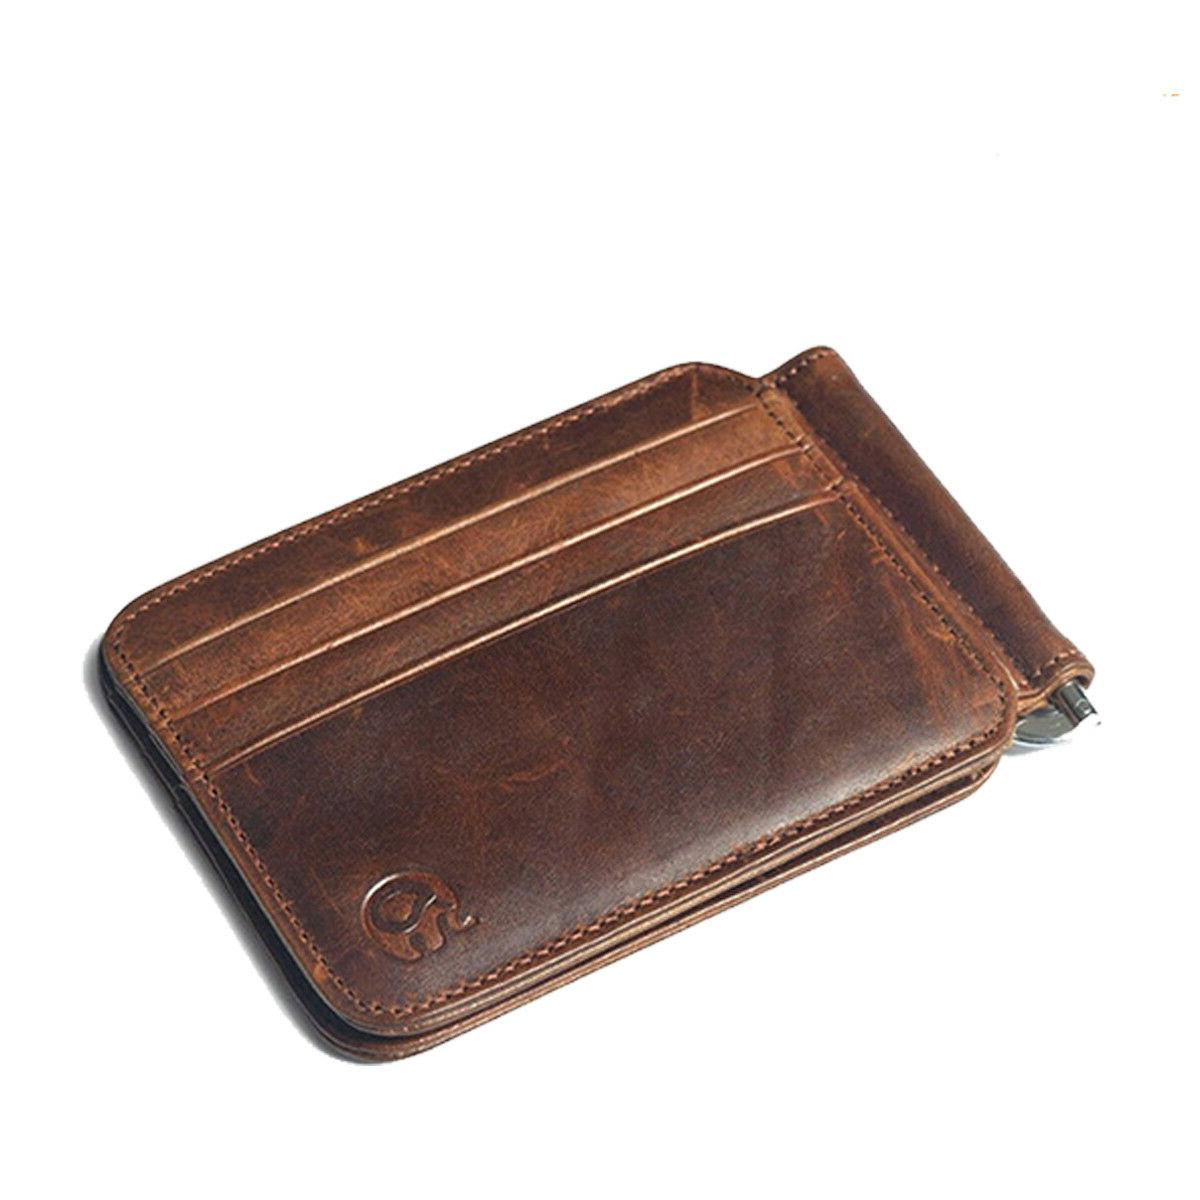 Money Minimalist Genuine Leather Vintage Slim